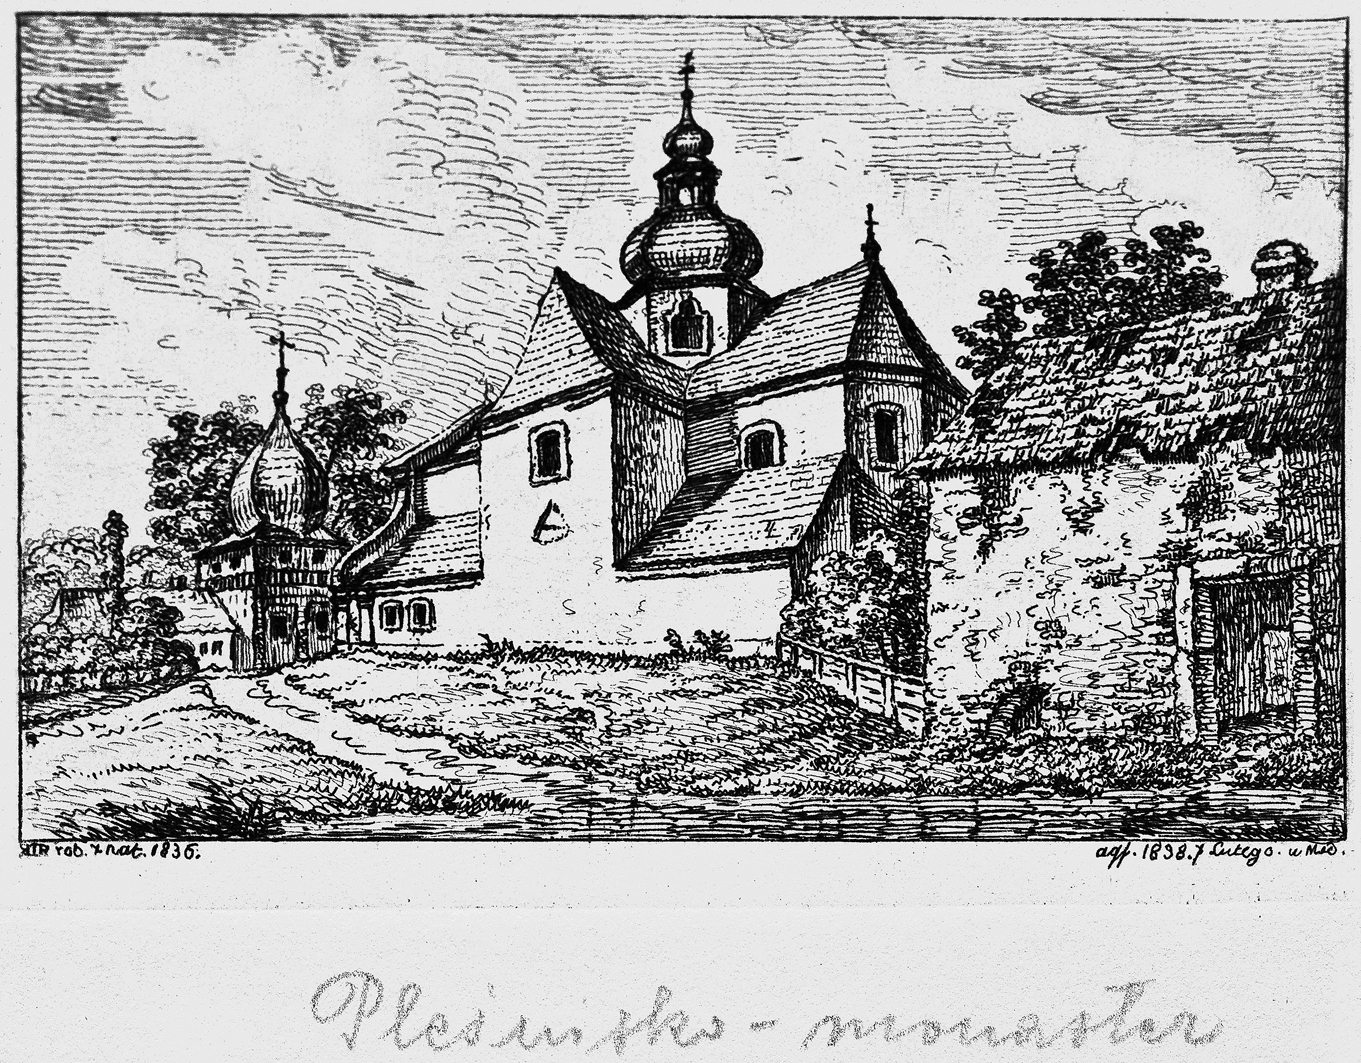 Каєтан Вінцент Кєлісінський. Підгірці (Пліснеськ) Церква, 1836, літографія